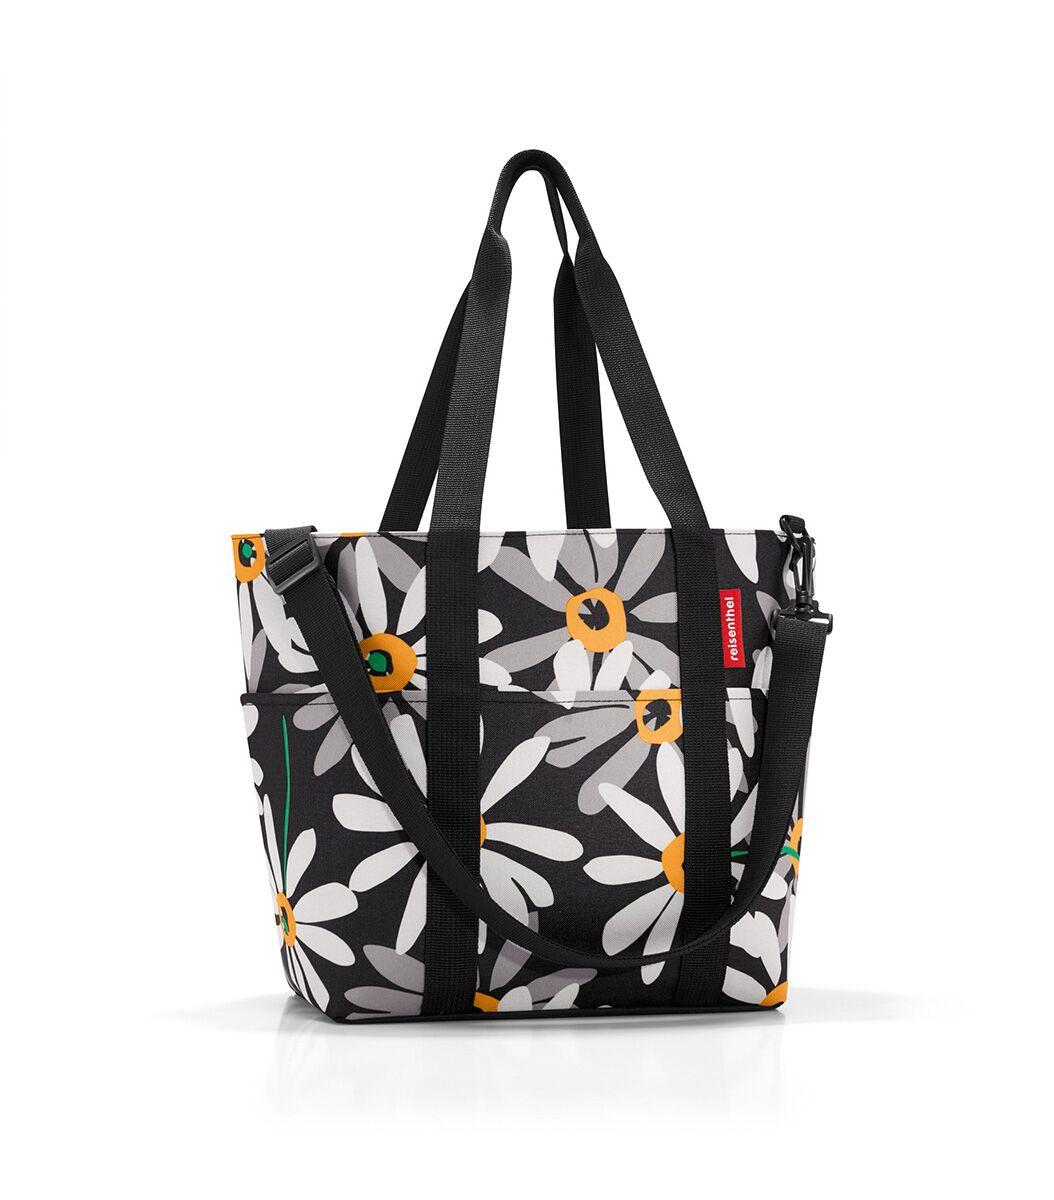 Сумка-шоппер жен. Reisenthel, цвет: черный. MZ7038MZ7038Универсальная сумка для прогулок, пикника или шоппинга. Продуманный дизайн сочетает внешнюю привлекательность и исключительную практичность. Изобилие карманов и отделений помогает держать в порядке даже большое количество разнообразных вещей. - вместительное основное отделение на молнии; - 2 удобные ручки для переноски; - съемный регулируемый наплечный ремень; - 4 внешних и 6 внутренних отделения. - небольшой потайной карман, вшитый в подкладку; - подкладка на дне, обеспечивающая прочность и стойкую форму; - материал: высококачественный водостойкий полиэстер; - объем – 15 литров.